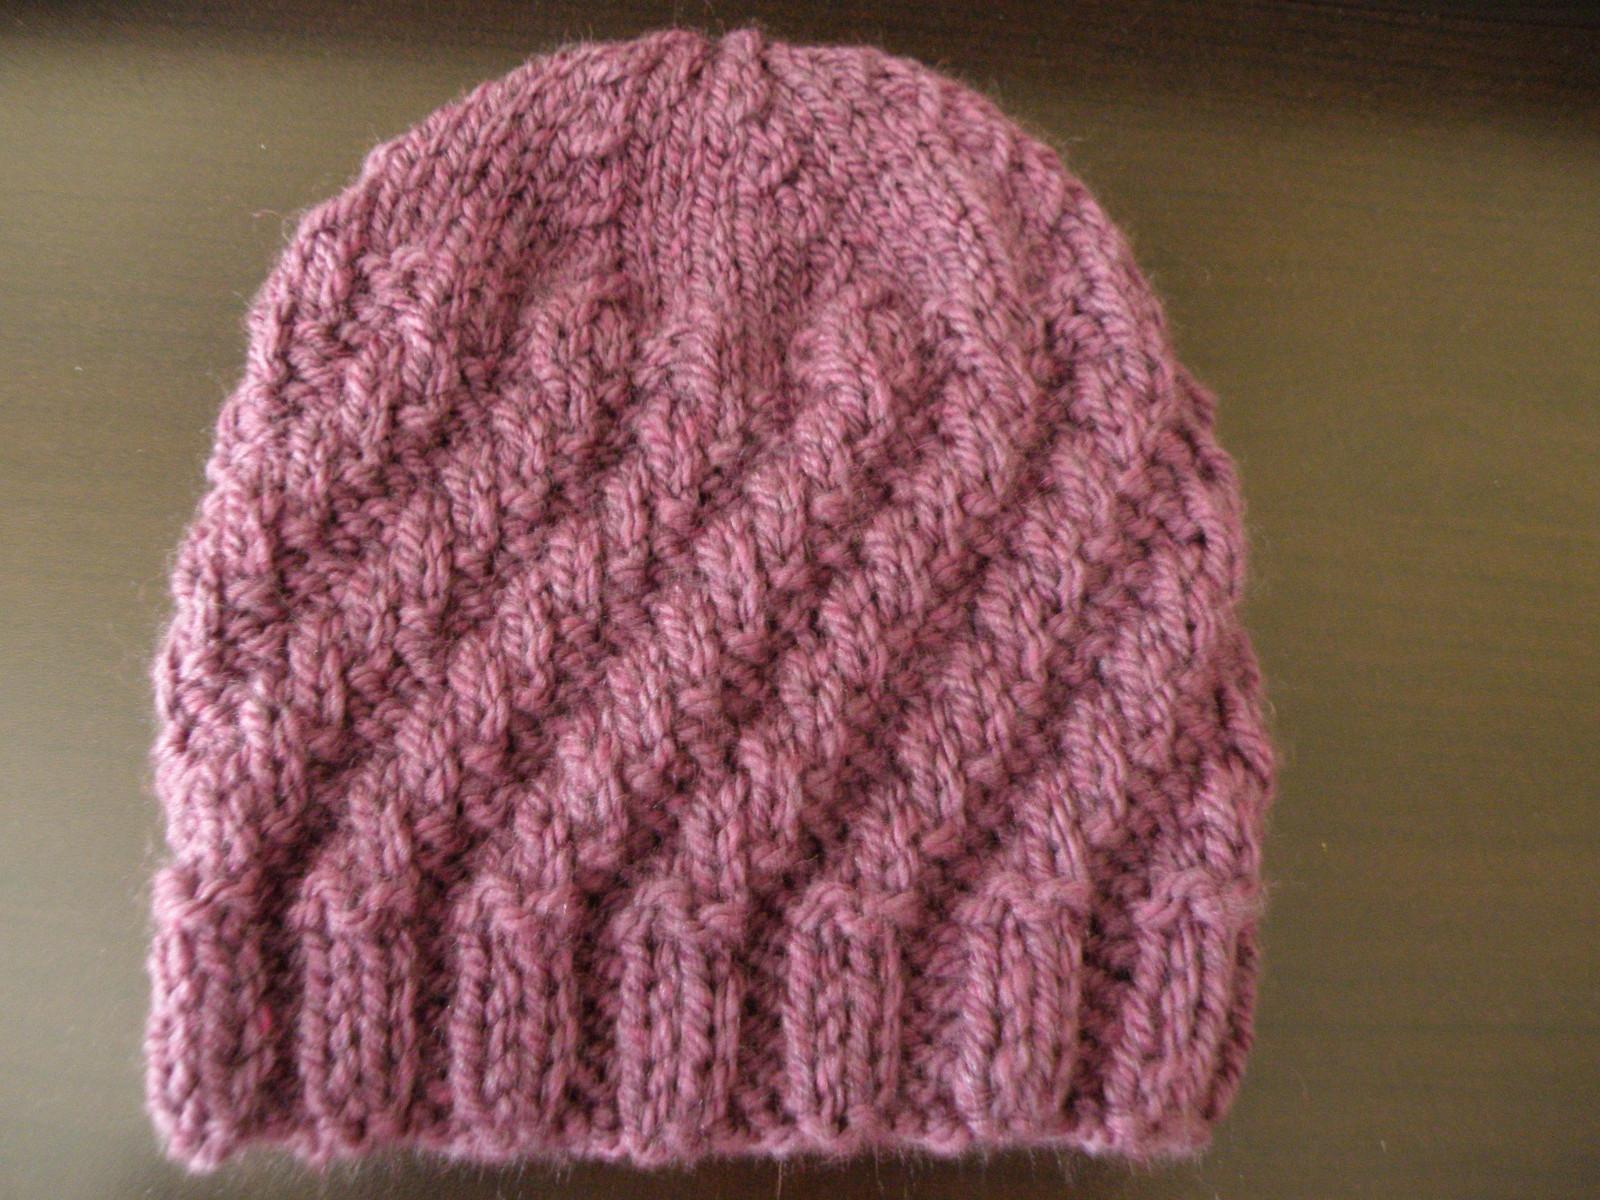 Tricoter bonnet homme aiguille 8 - Idées de tricot gratuit a7e63ff6aae